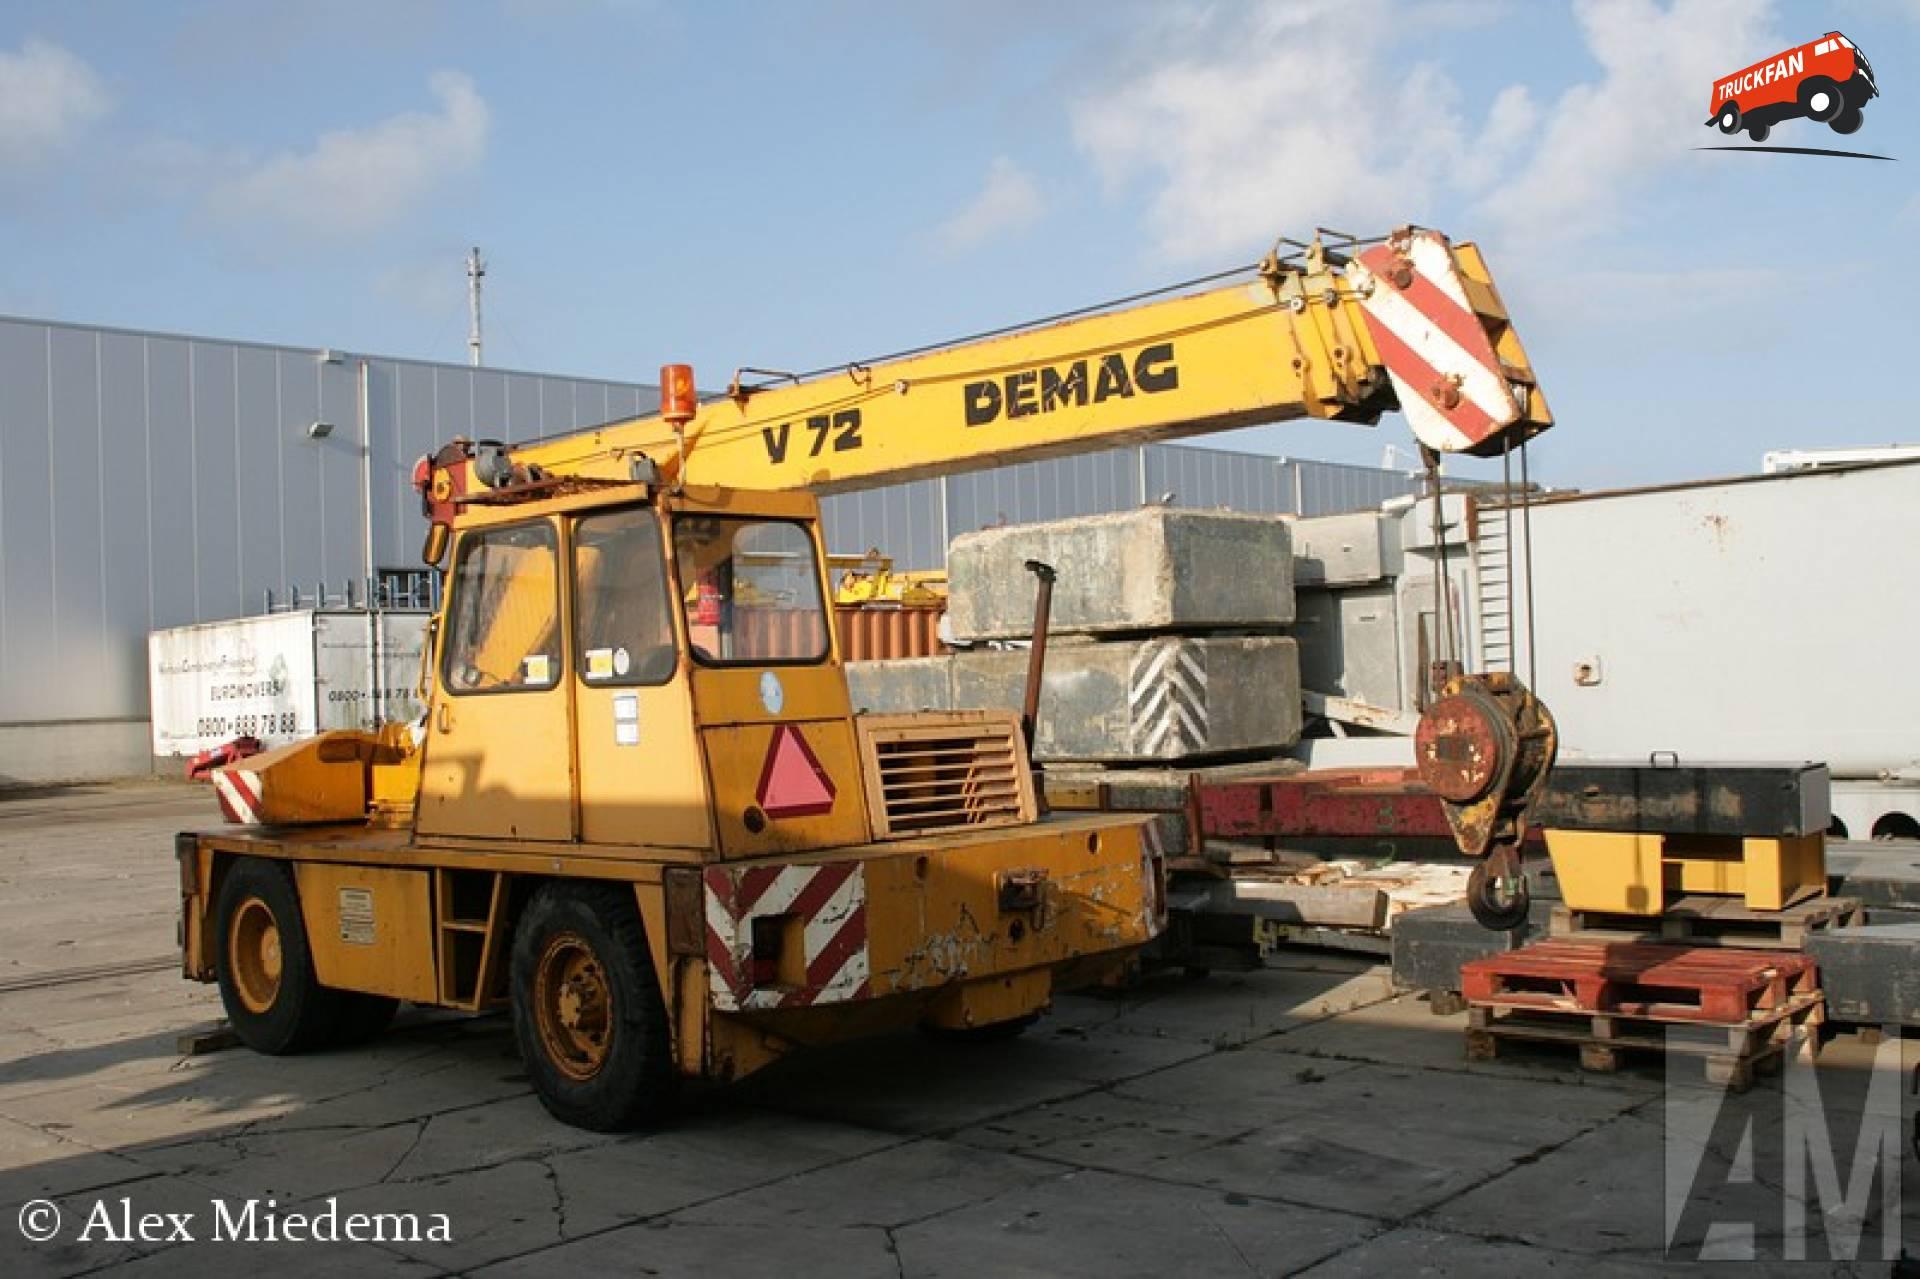 Demag V72